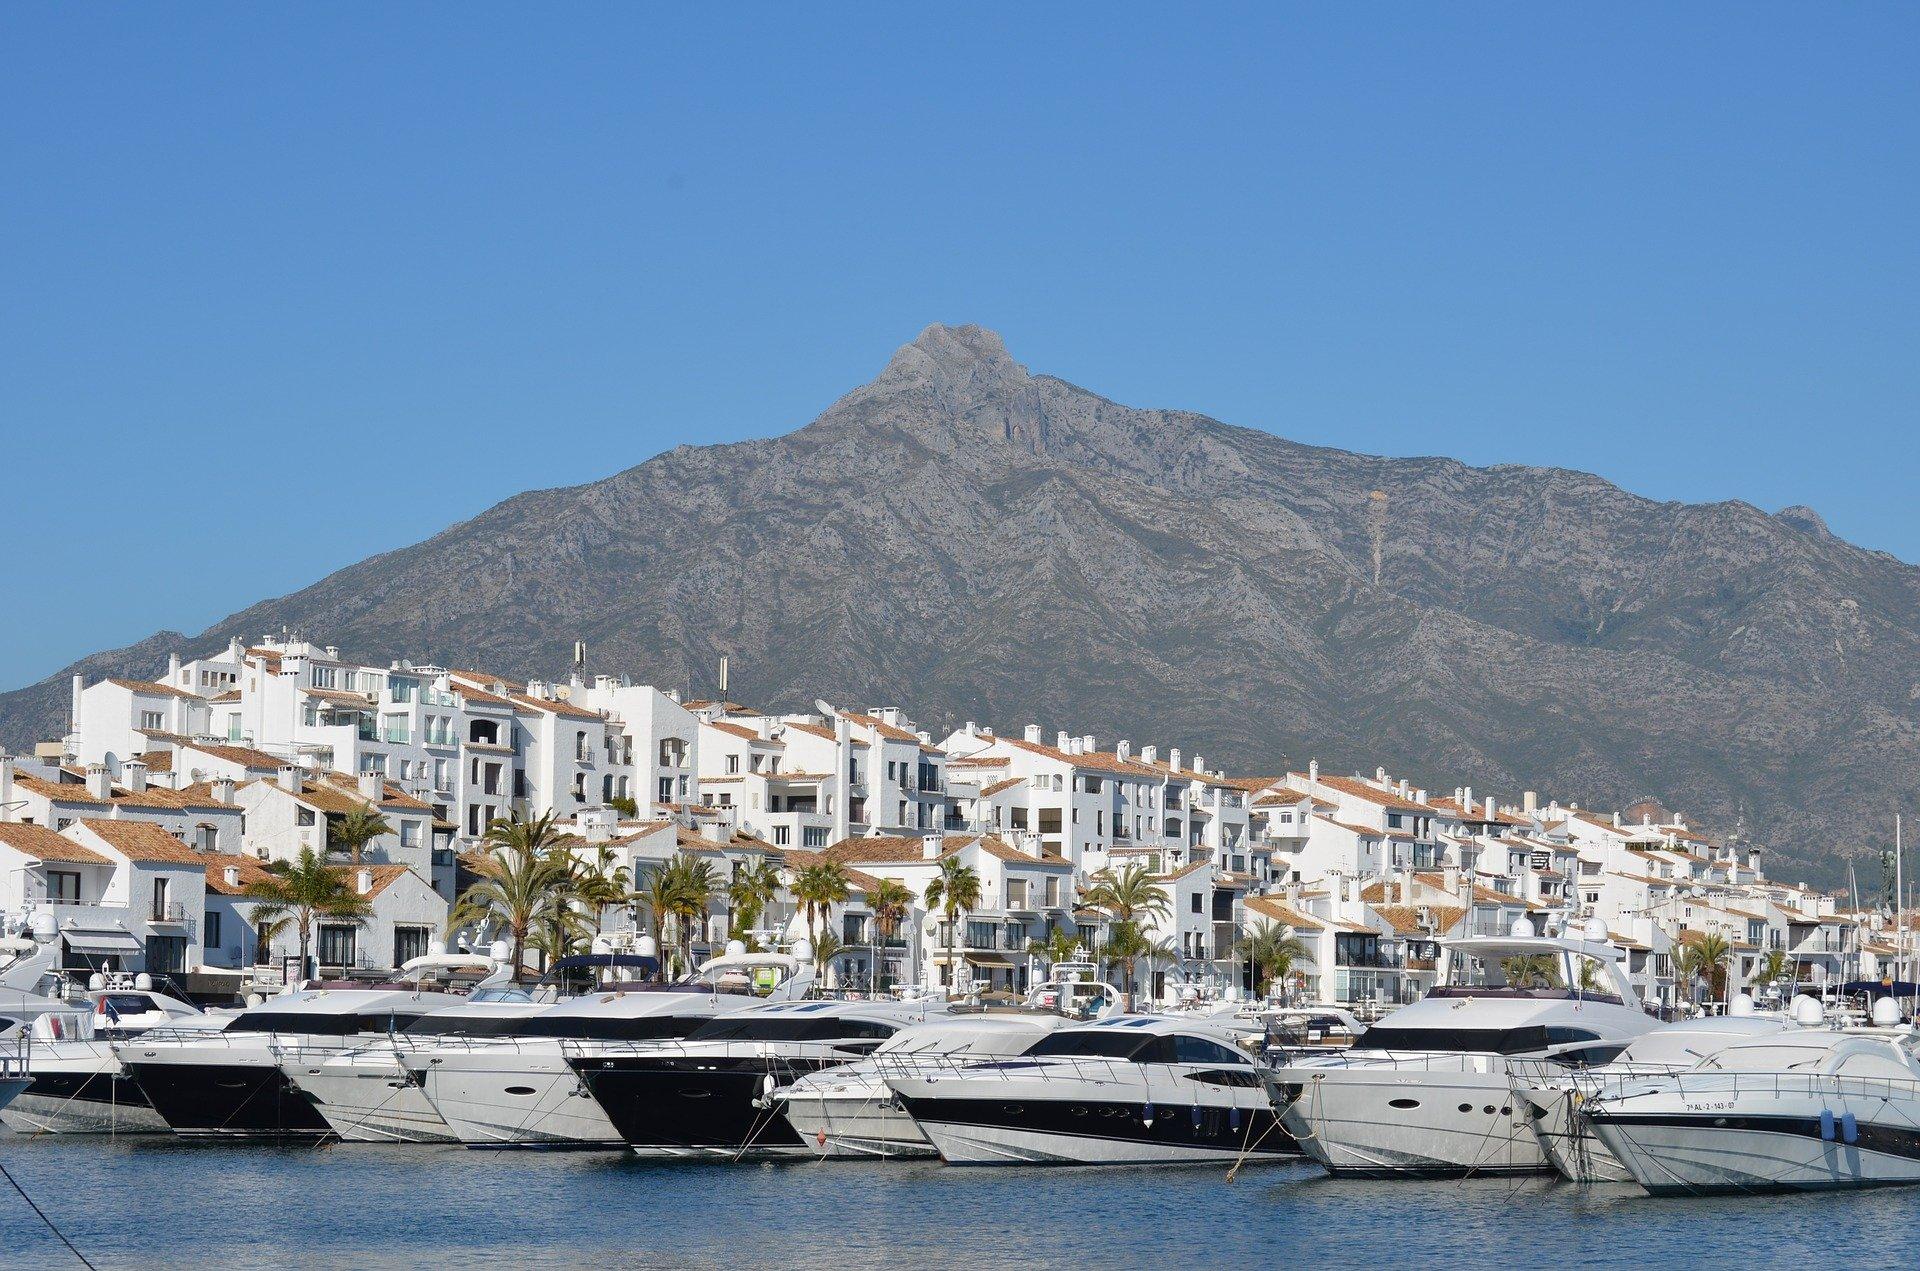 Marbella, España | Fuente: Pixabay